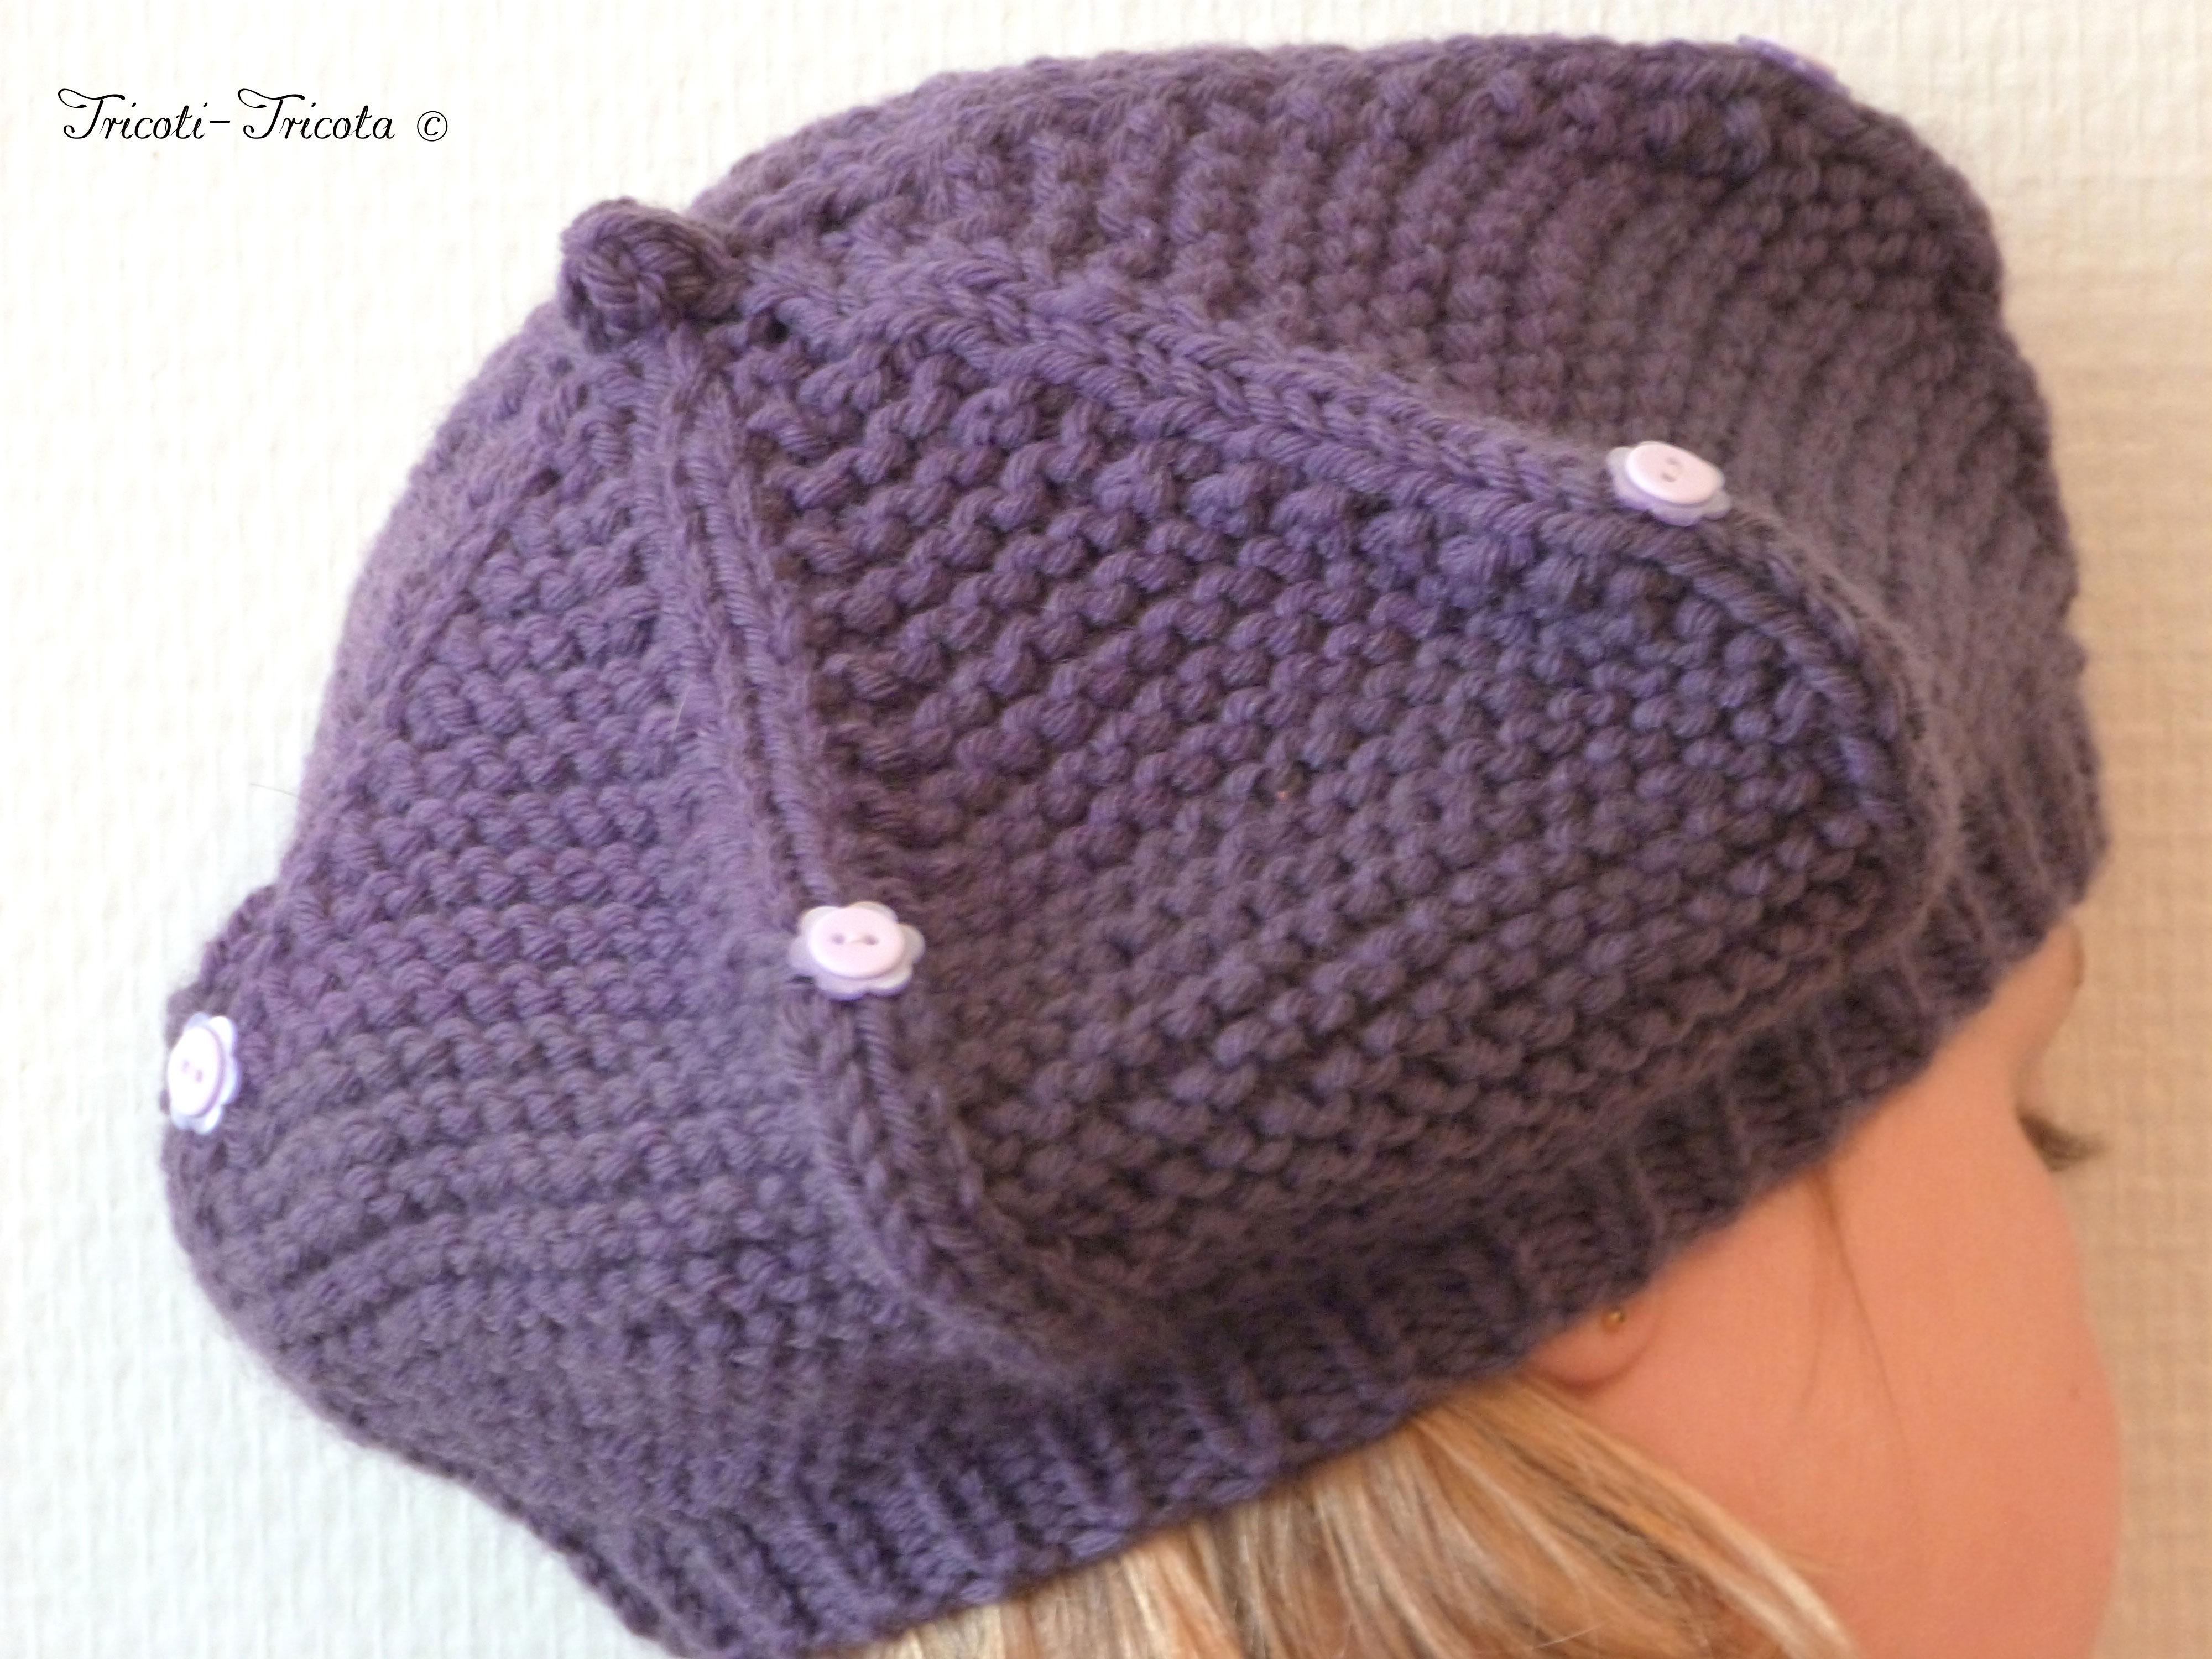 bccfaa859bb3 Béret « Mousse » tricoté pour enfant   Tricoti-Tricota